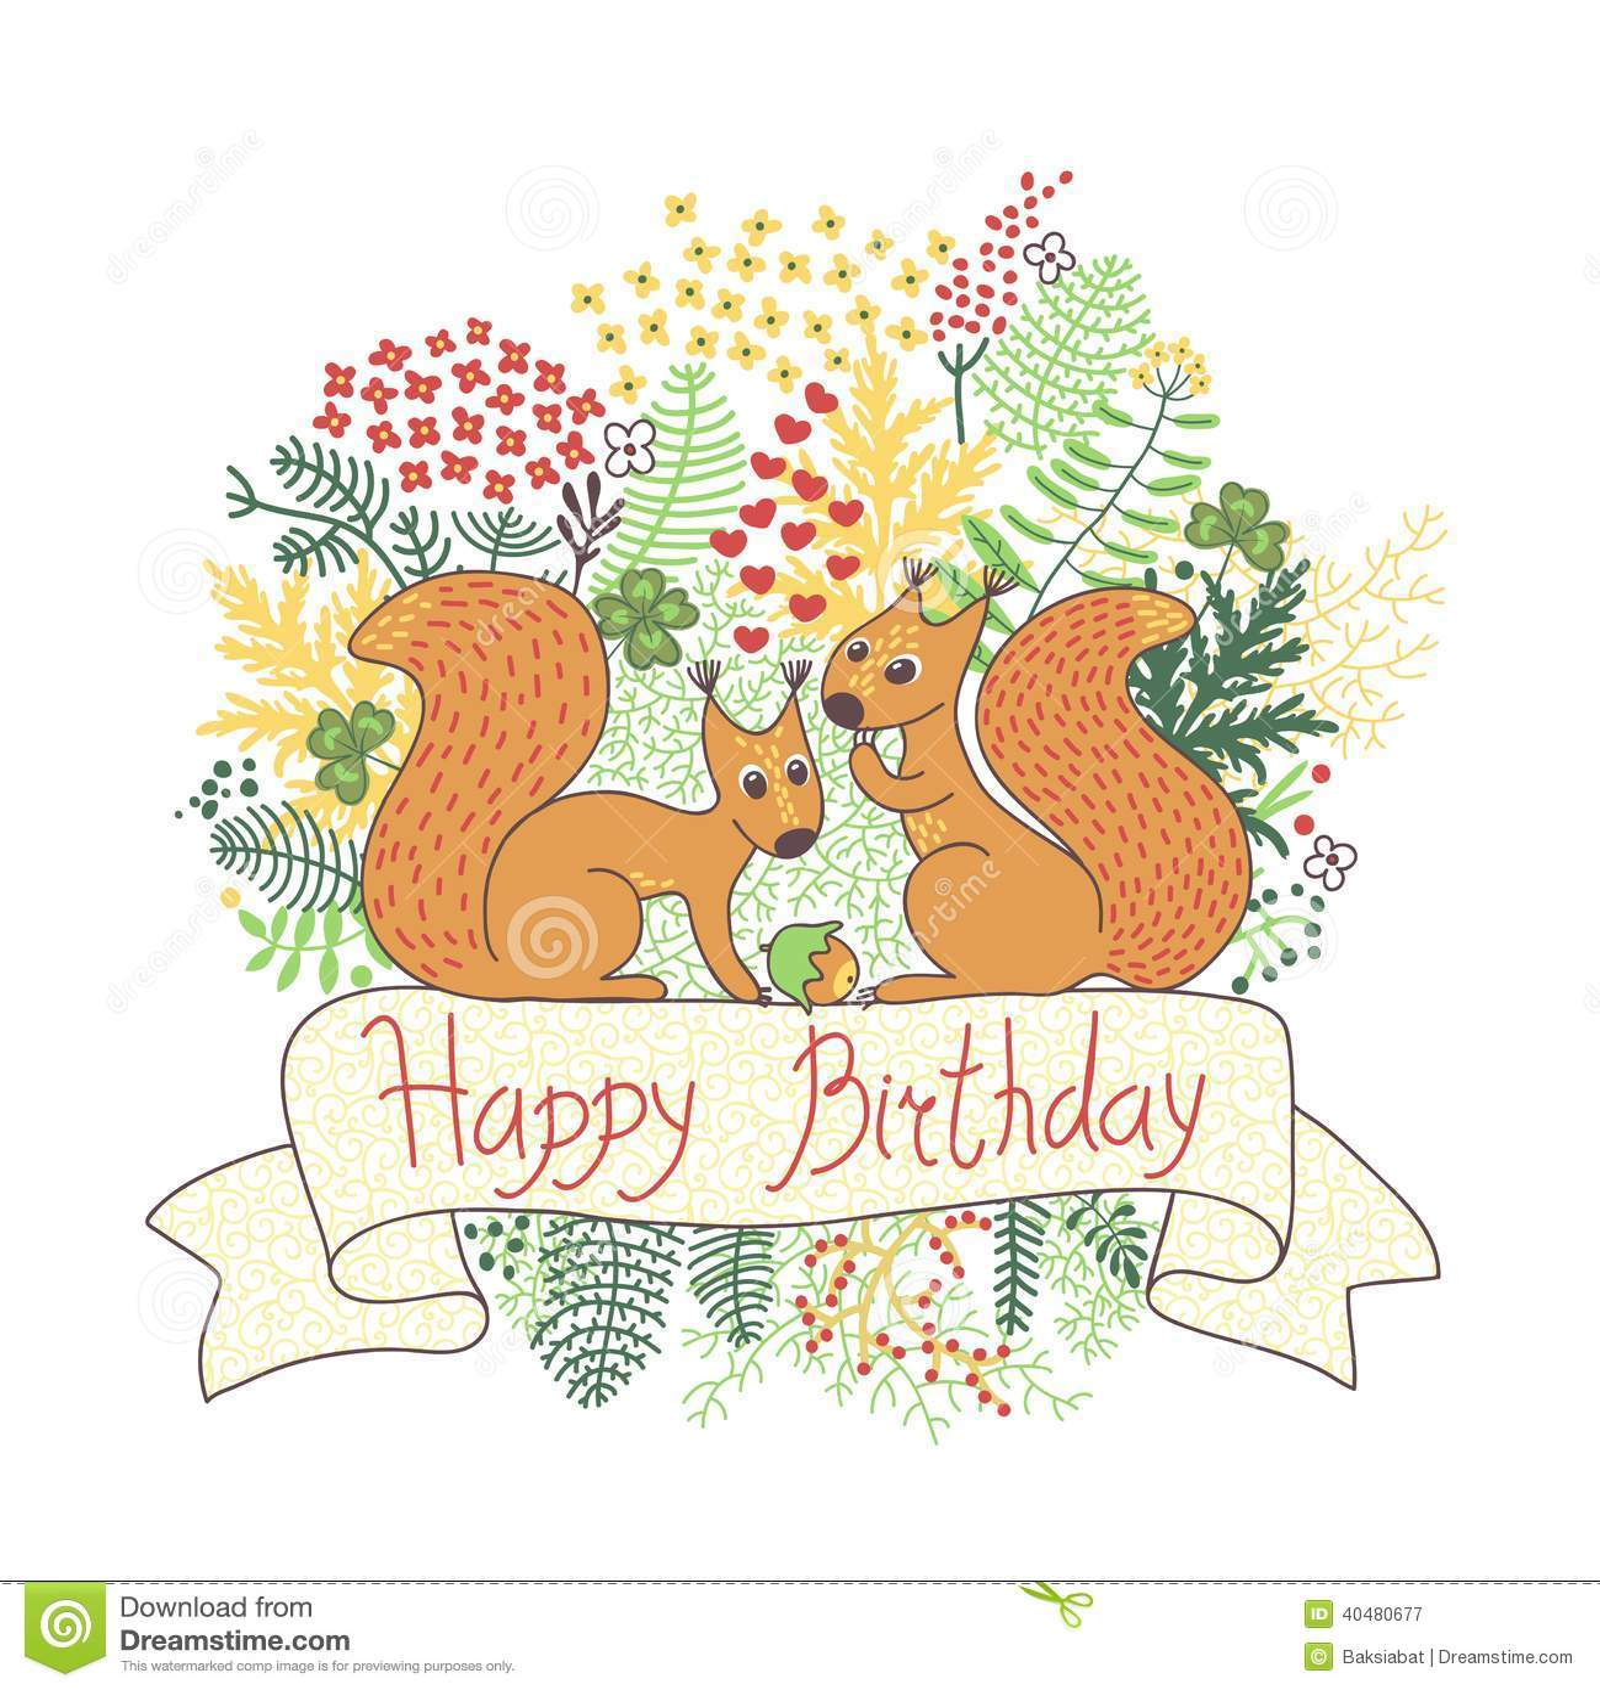 Schne Karte Mit Eichhrnchen Alles Gute Zum Geburtstag Vektor Abbildung  Bild 40480677